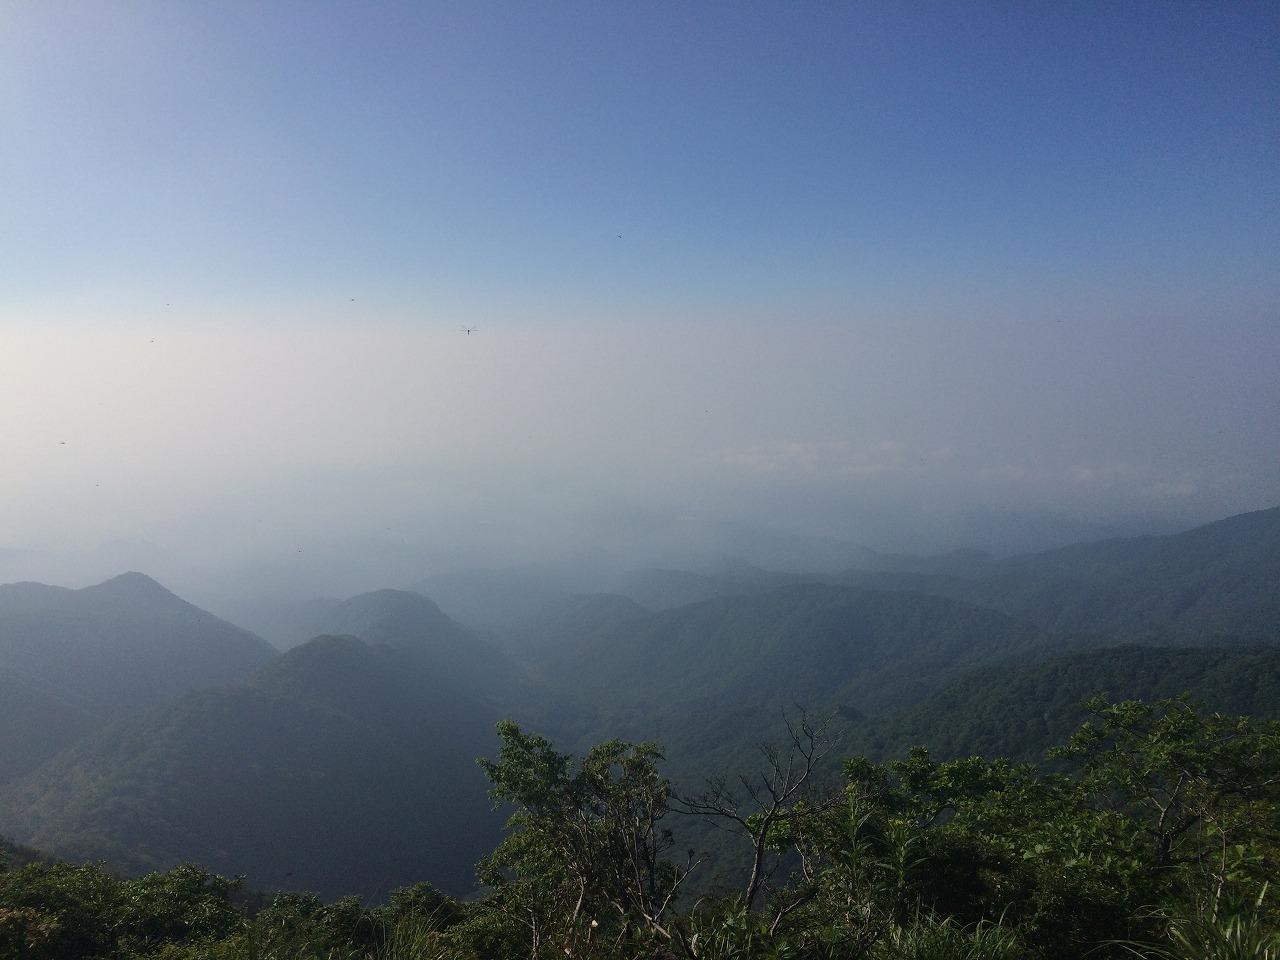 駒ヶ岳からの景色。